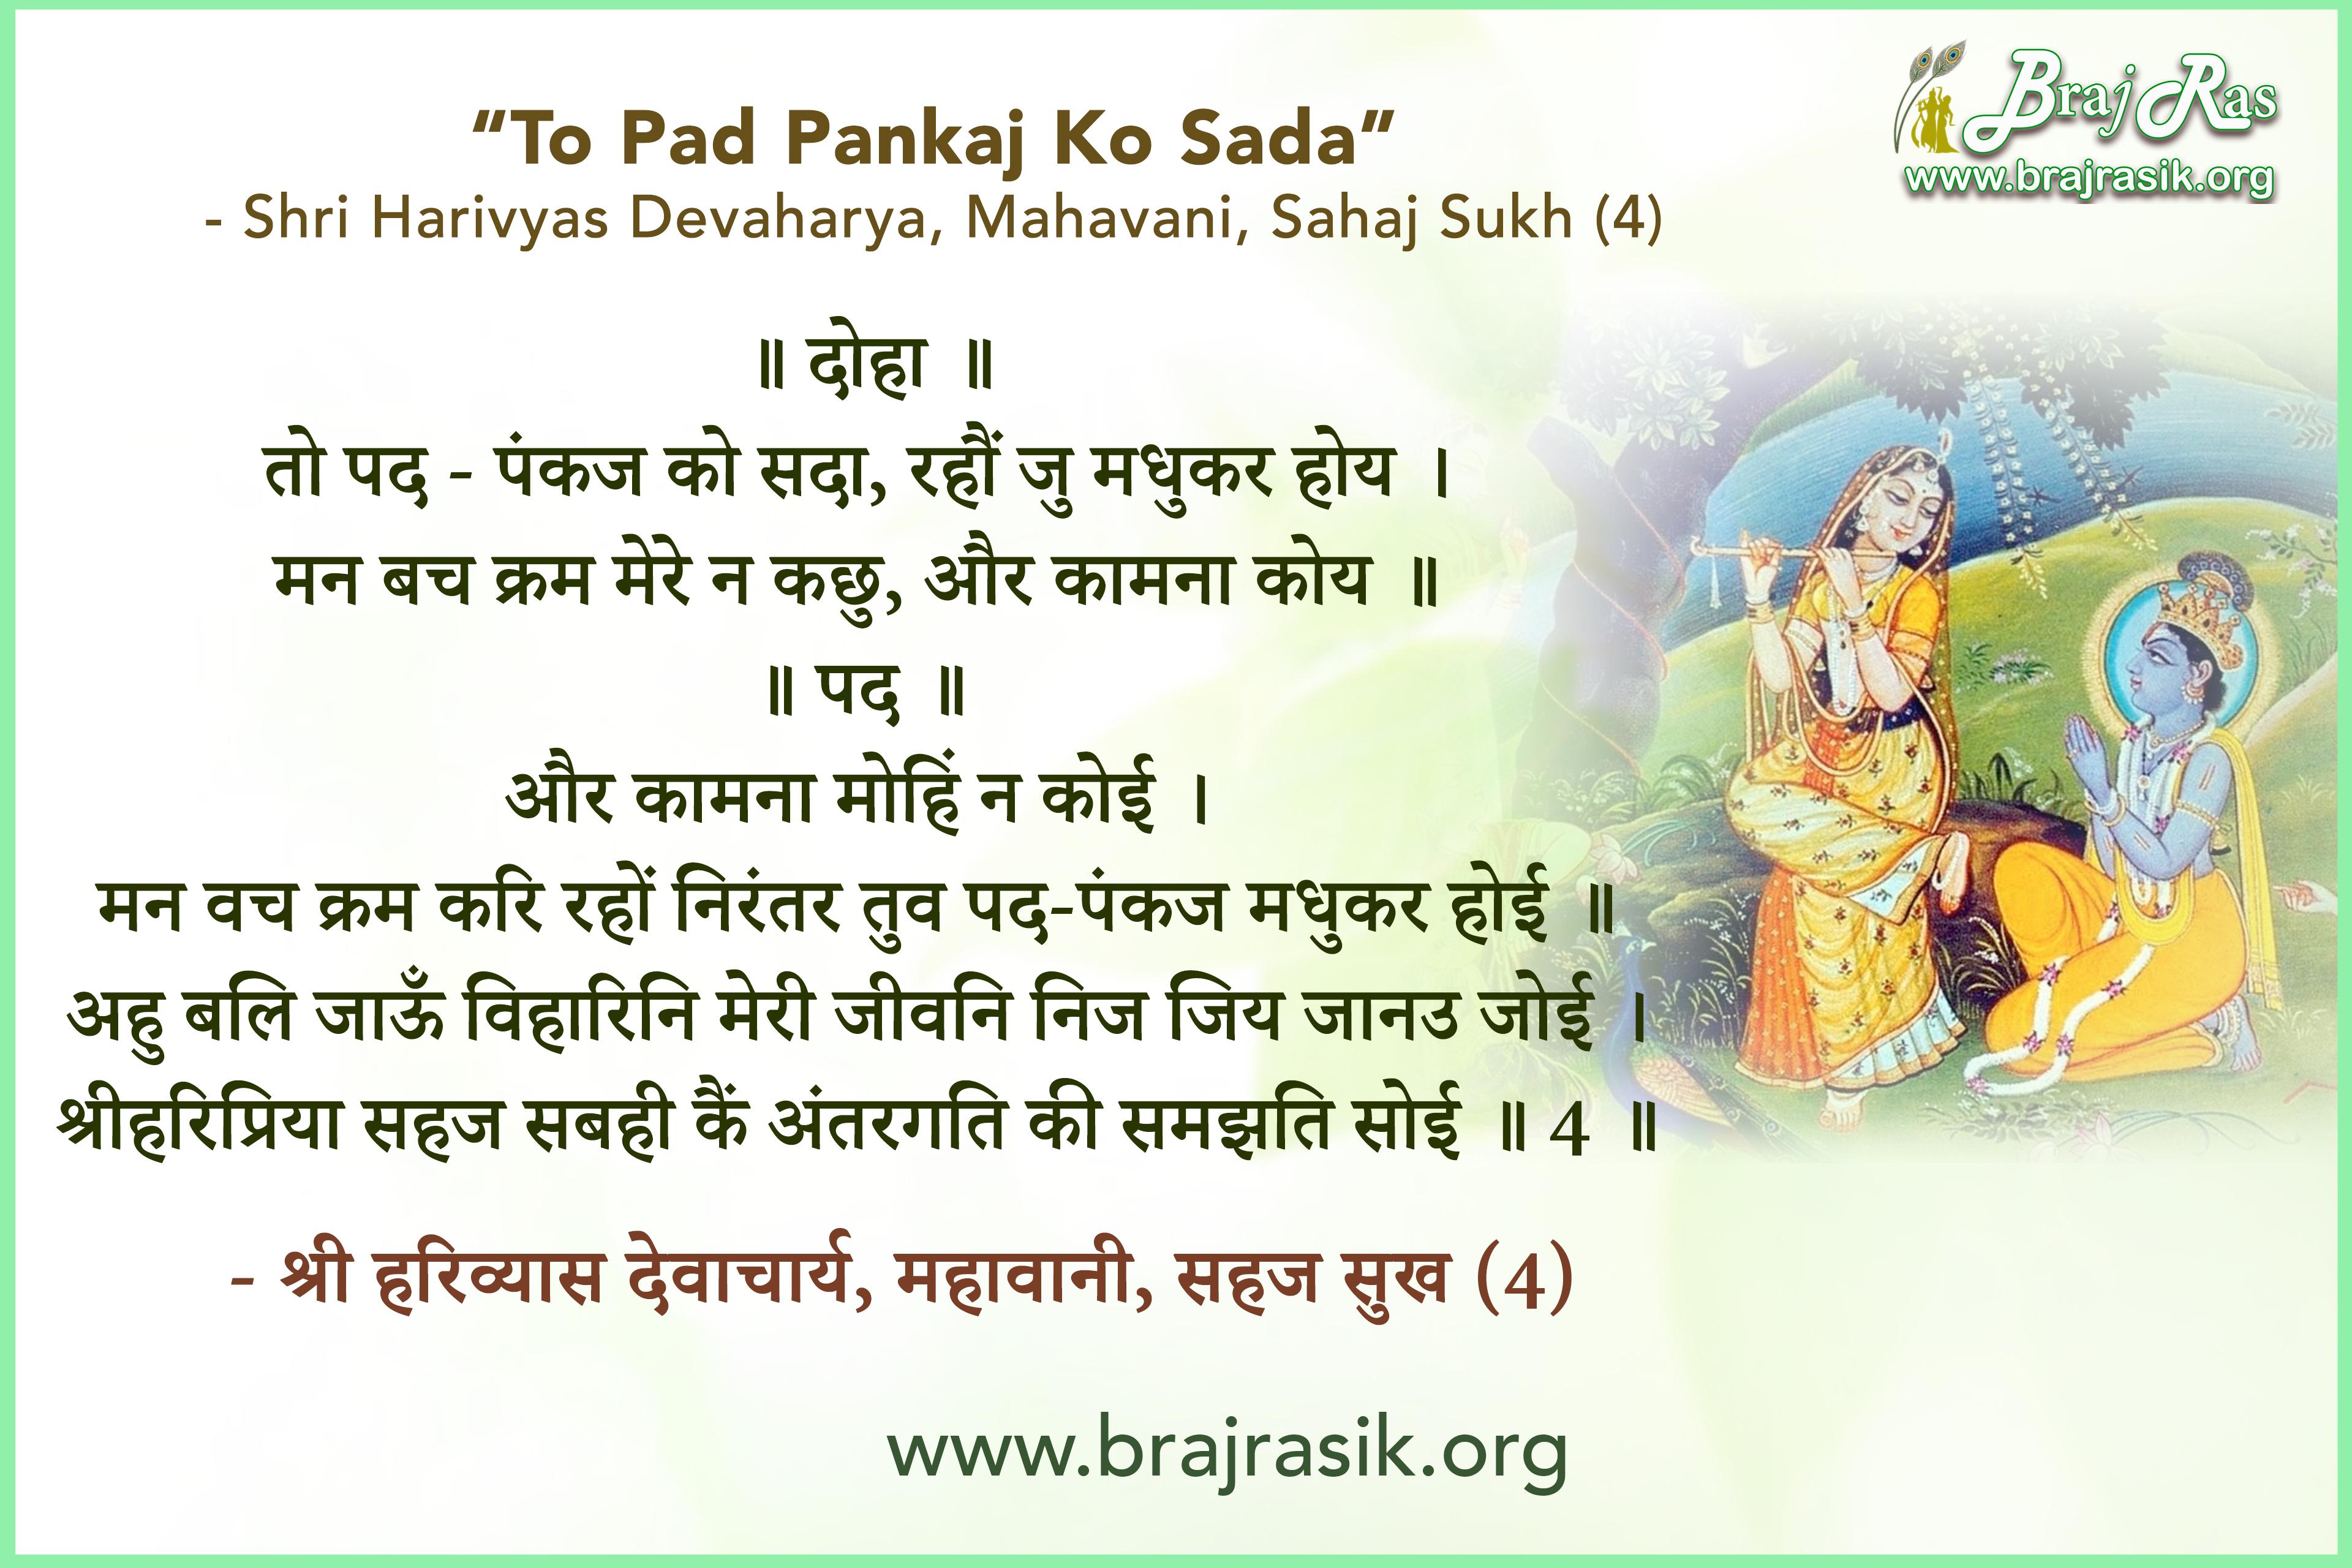 To Pad Pankaj Ko Sada, Rahon Ju Madhukar Hoy - Mahavani, Sahaj Sukh (4)